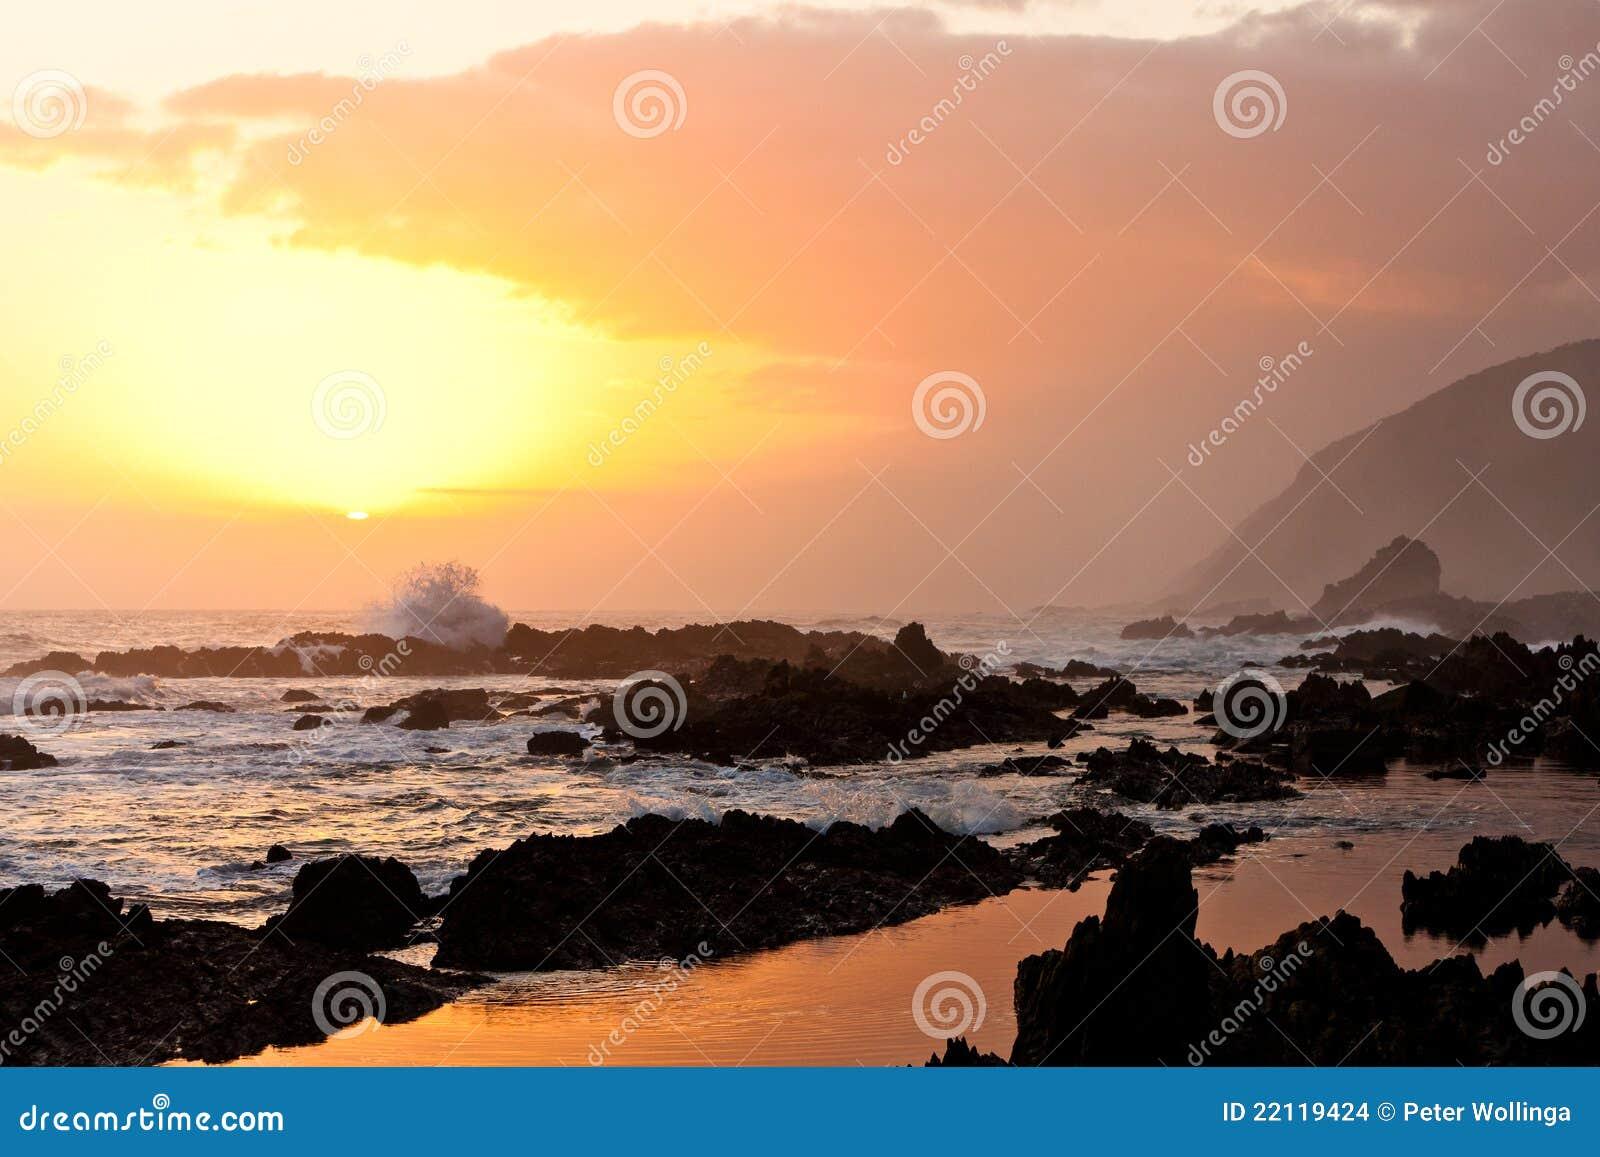 Hohe Welle, die auf den Felsen bricht